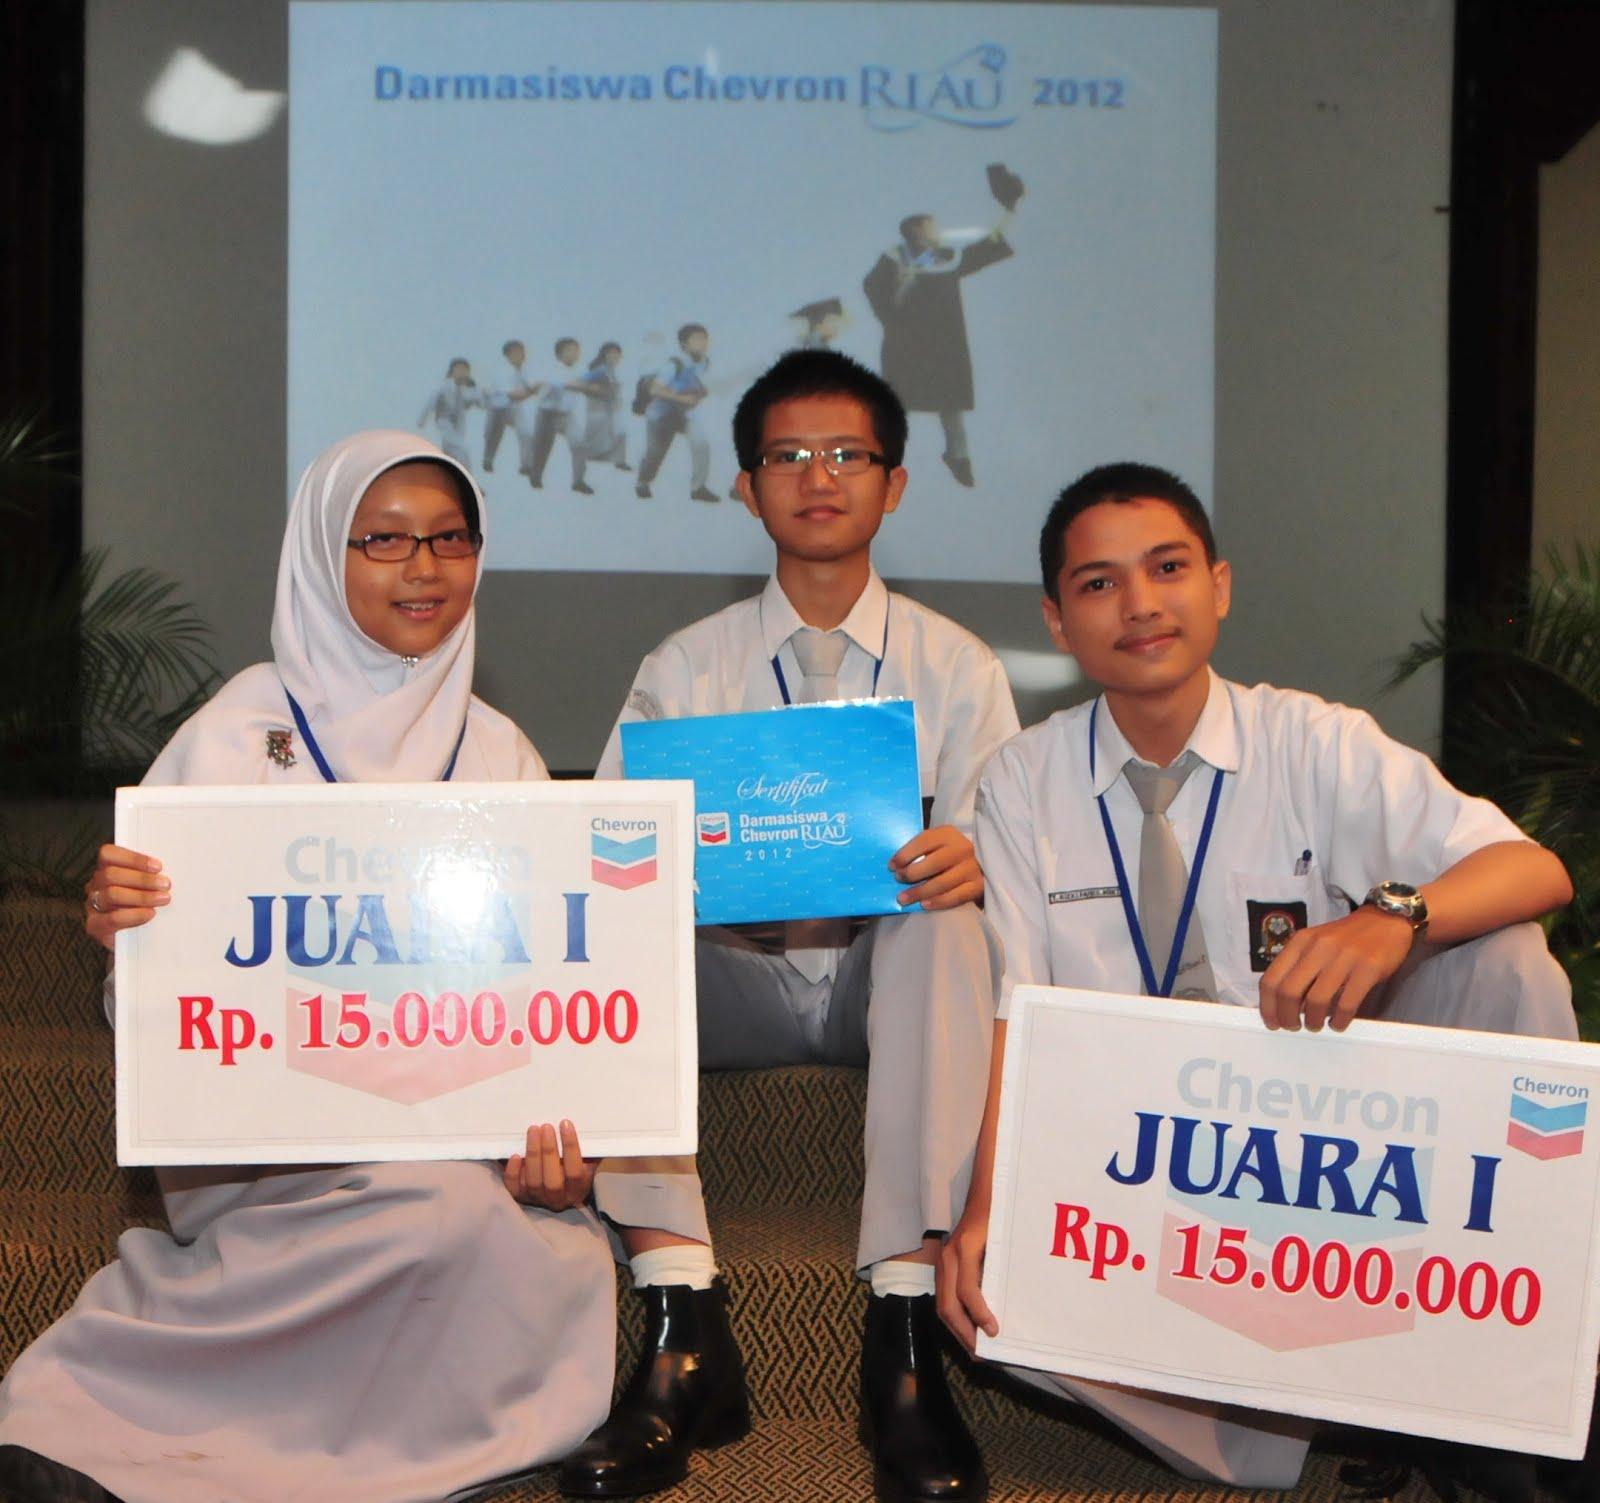 Pendaftaran Sma 8 Pekanbaru Terakreditasi Ban Pt Peringkat B Helvetiaacid Fitri Mayani Tiga Siswa Sman 8 Pekanbaru Rebut Hadiah Utama Dcr 2012